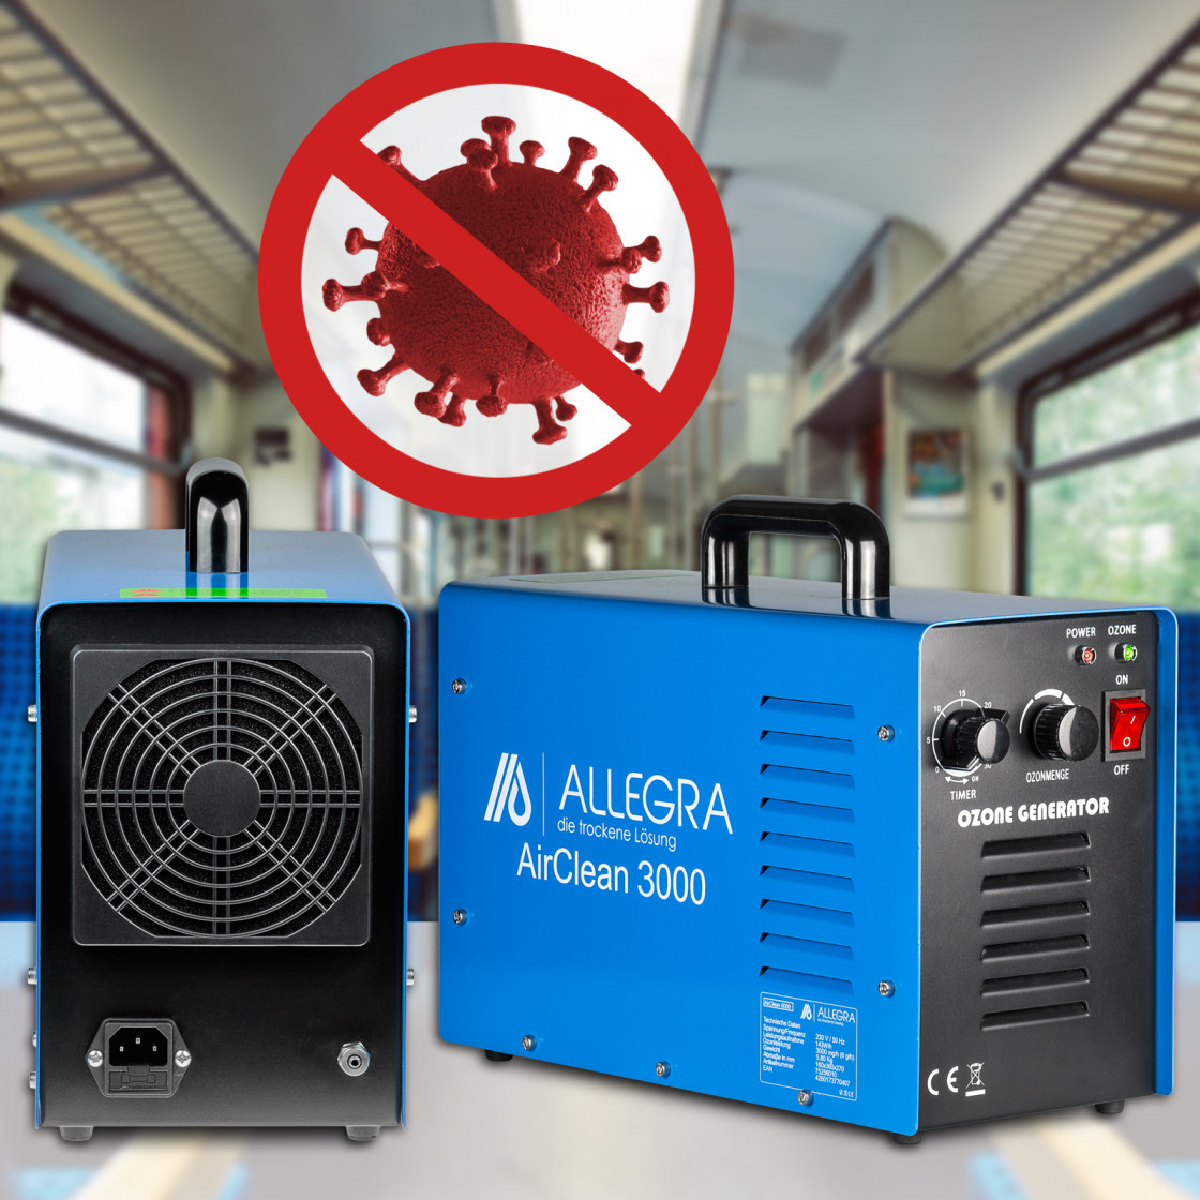 ALLEGRA Air Clean 3000